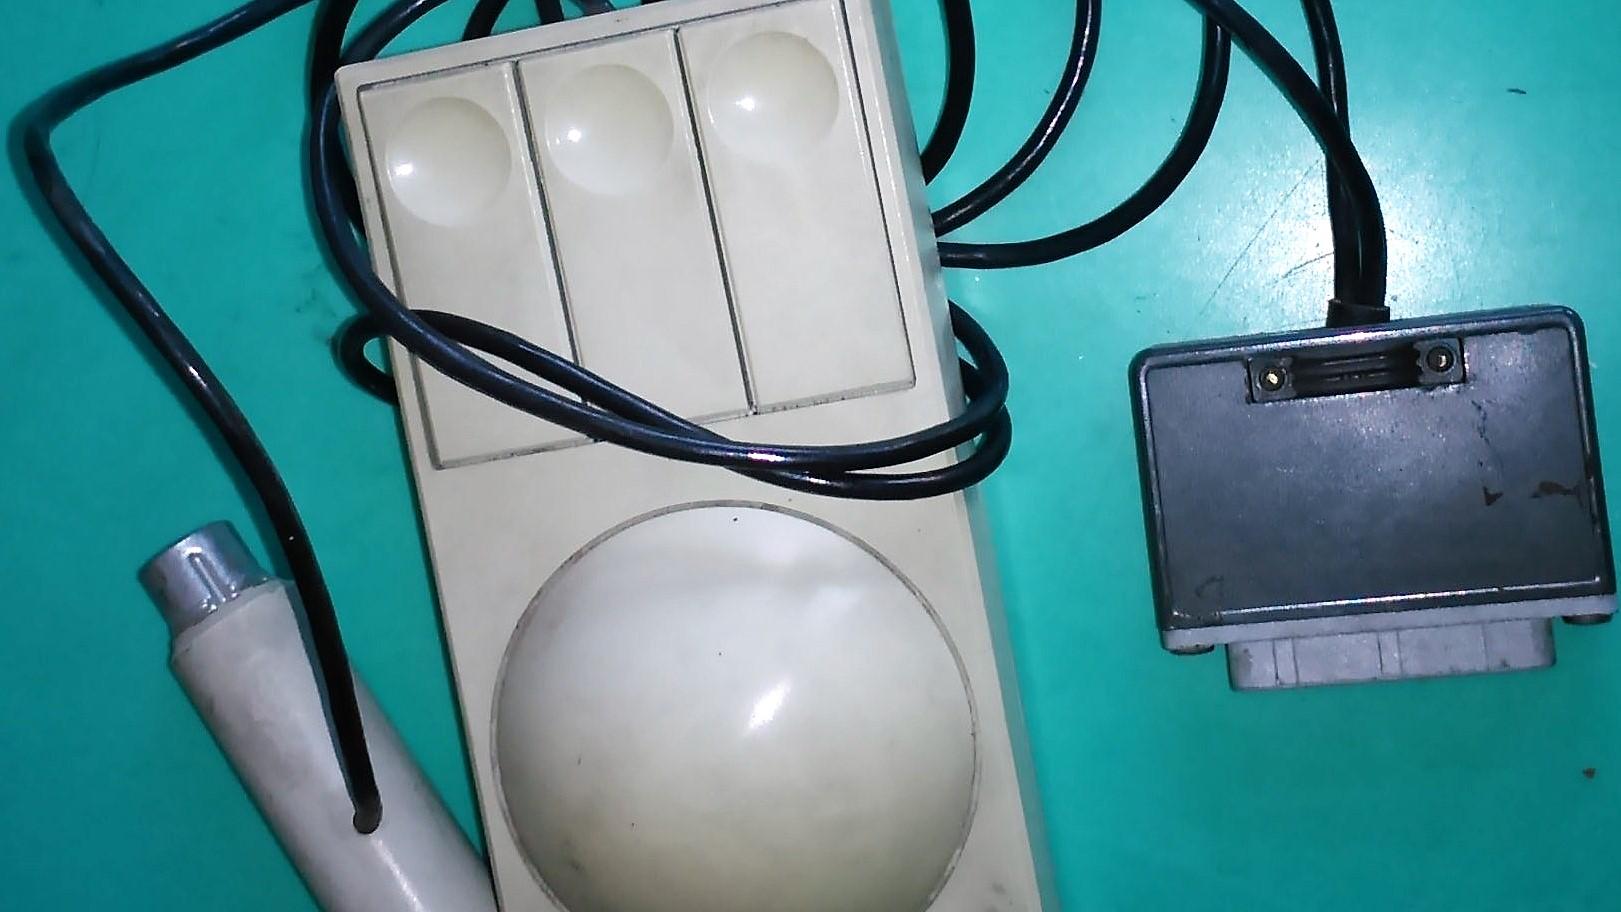 Това е първата компютърна мишка произведена в България